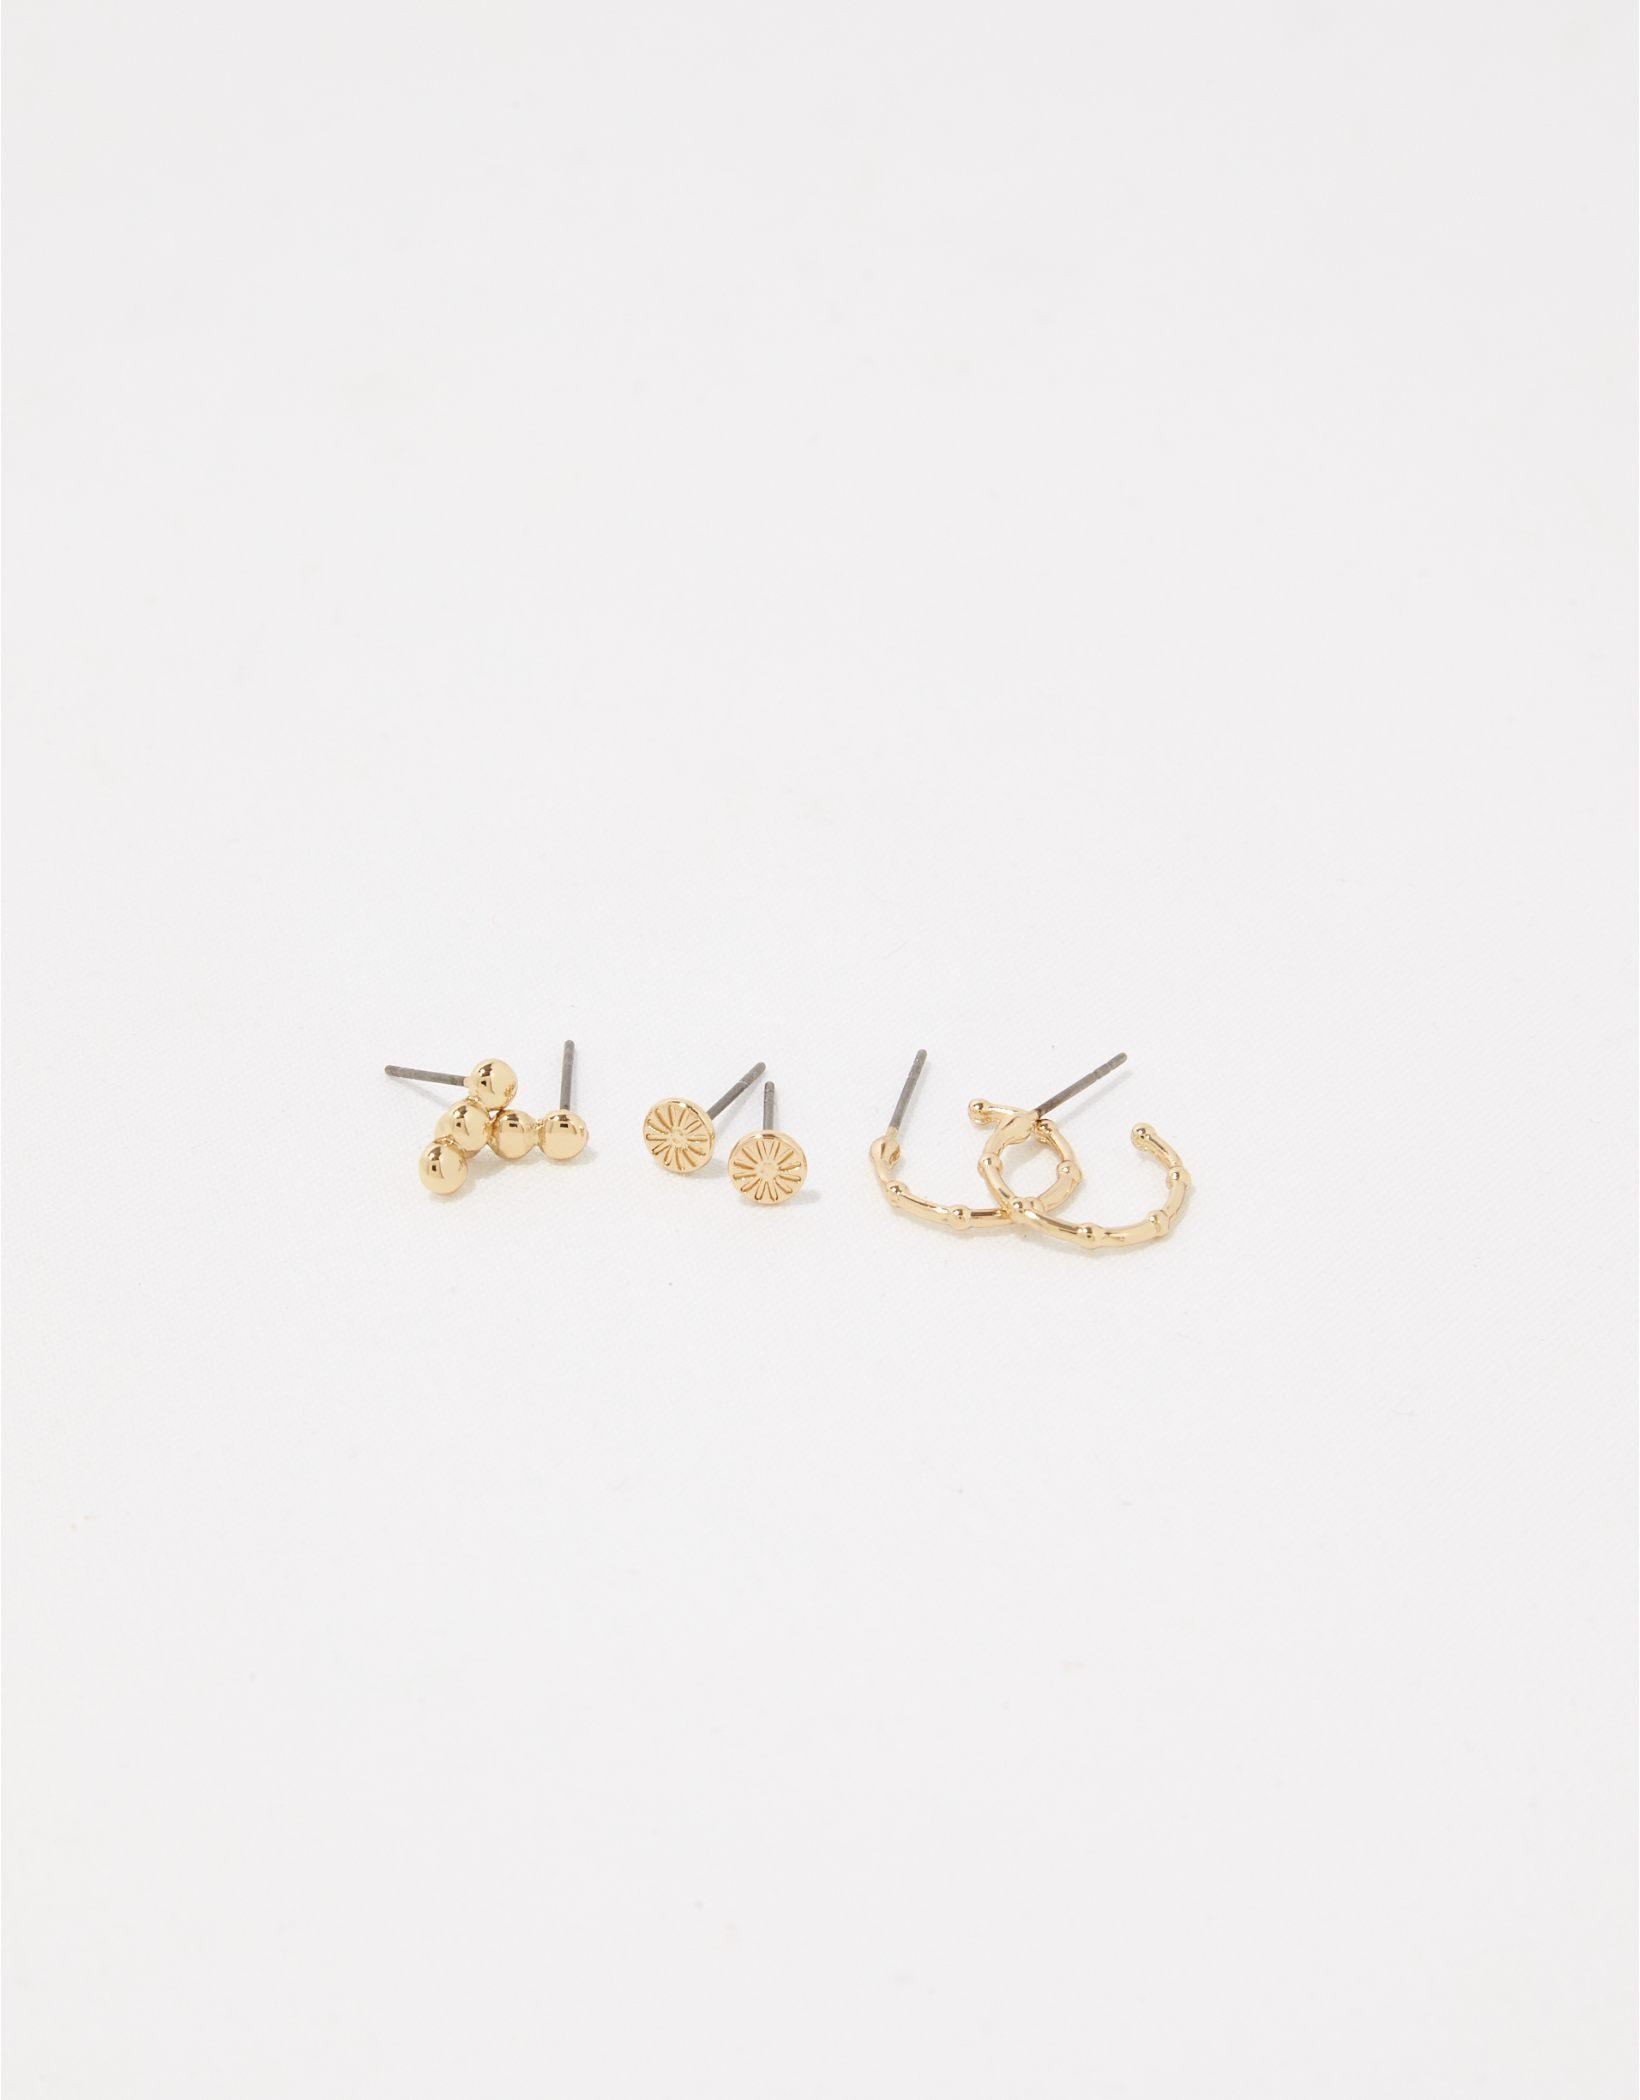 Aerie Metal Simple Earrings 3-Pack